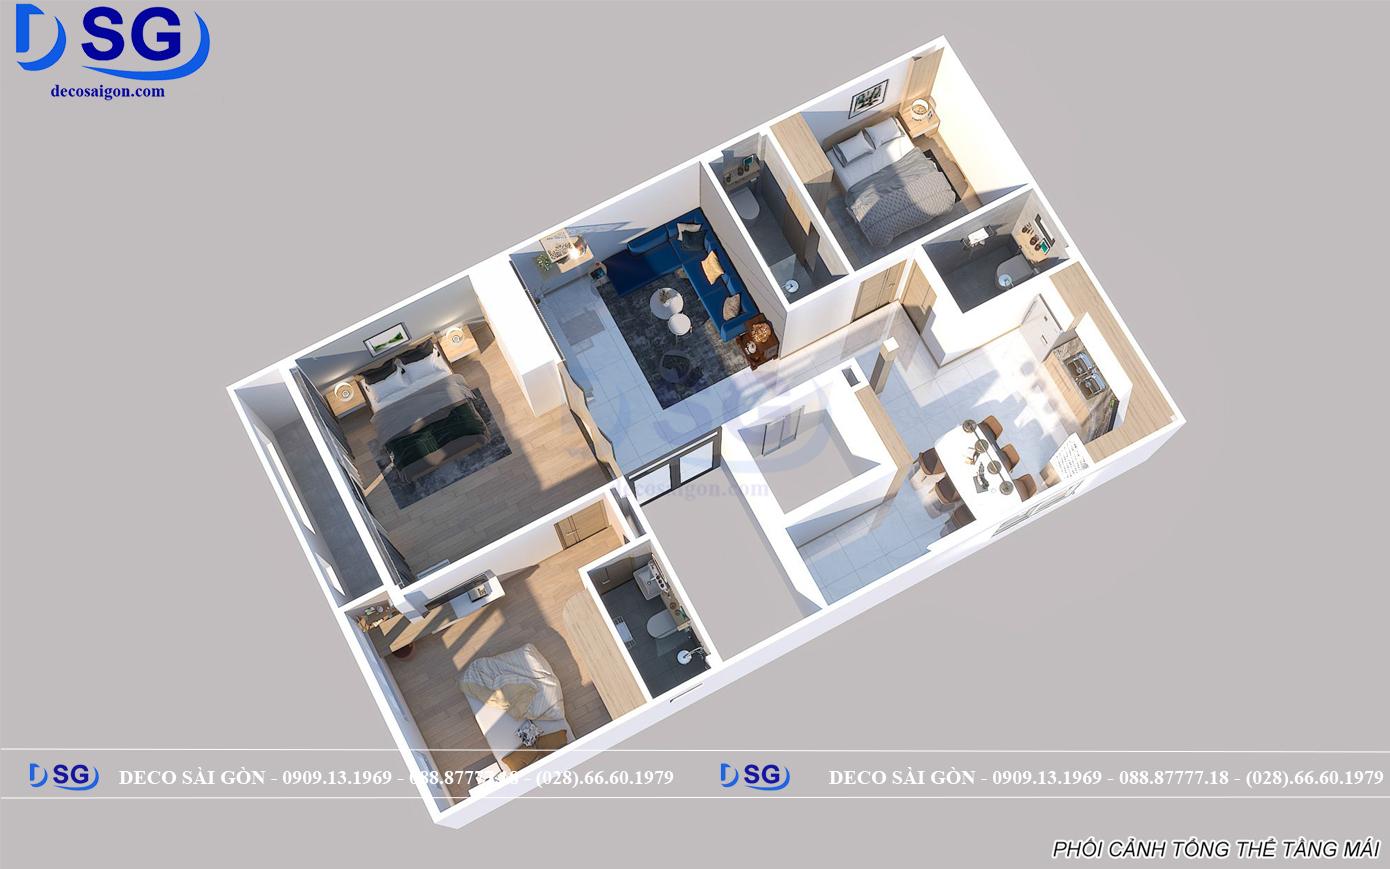 Bản vẽ mặt bằng nội thất chung cư